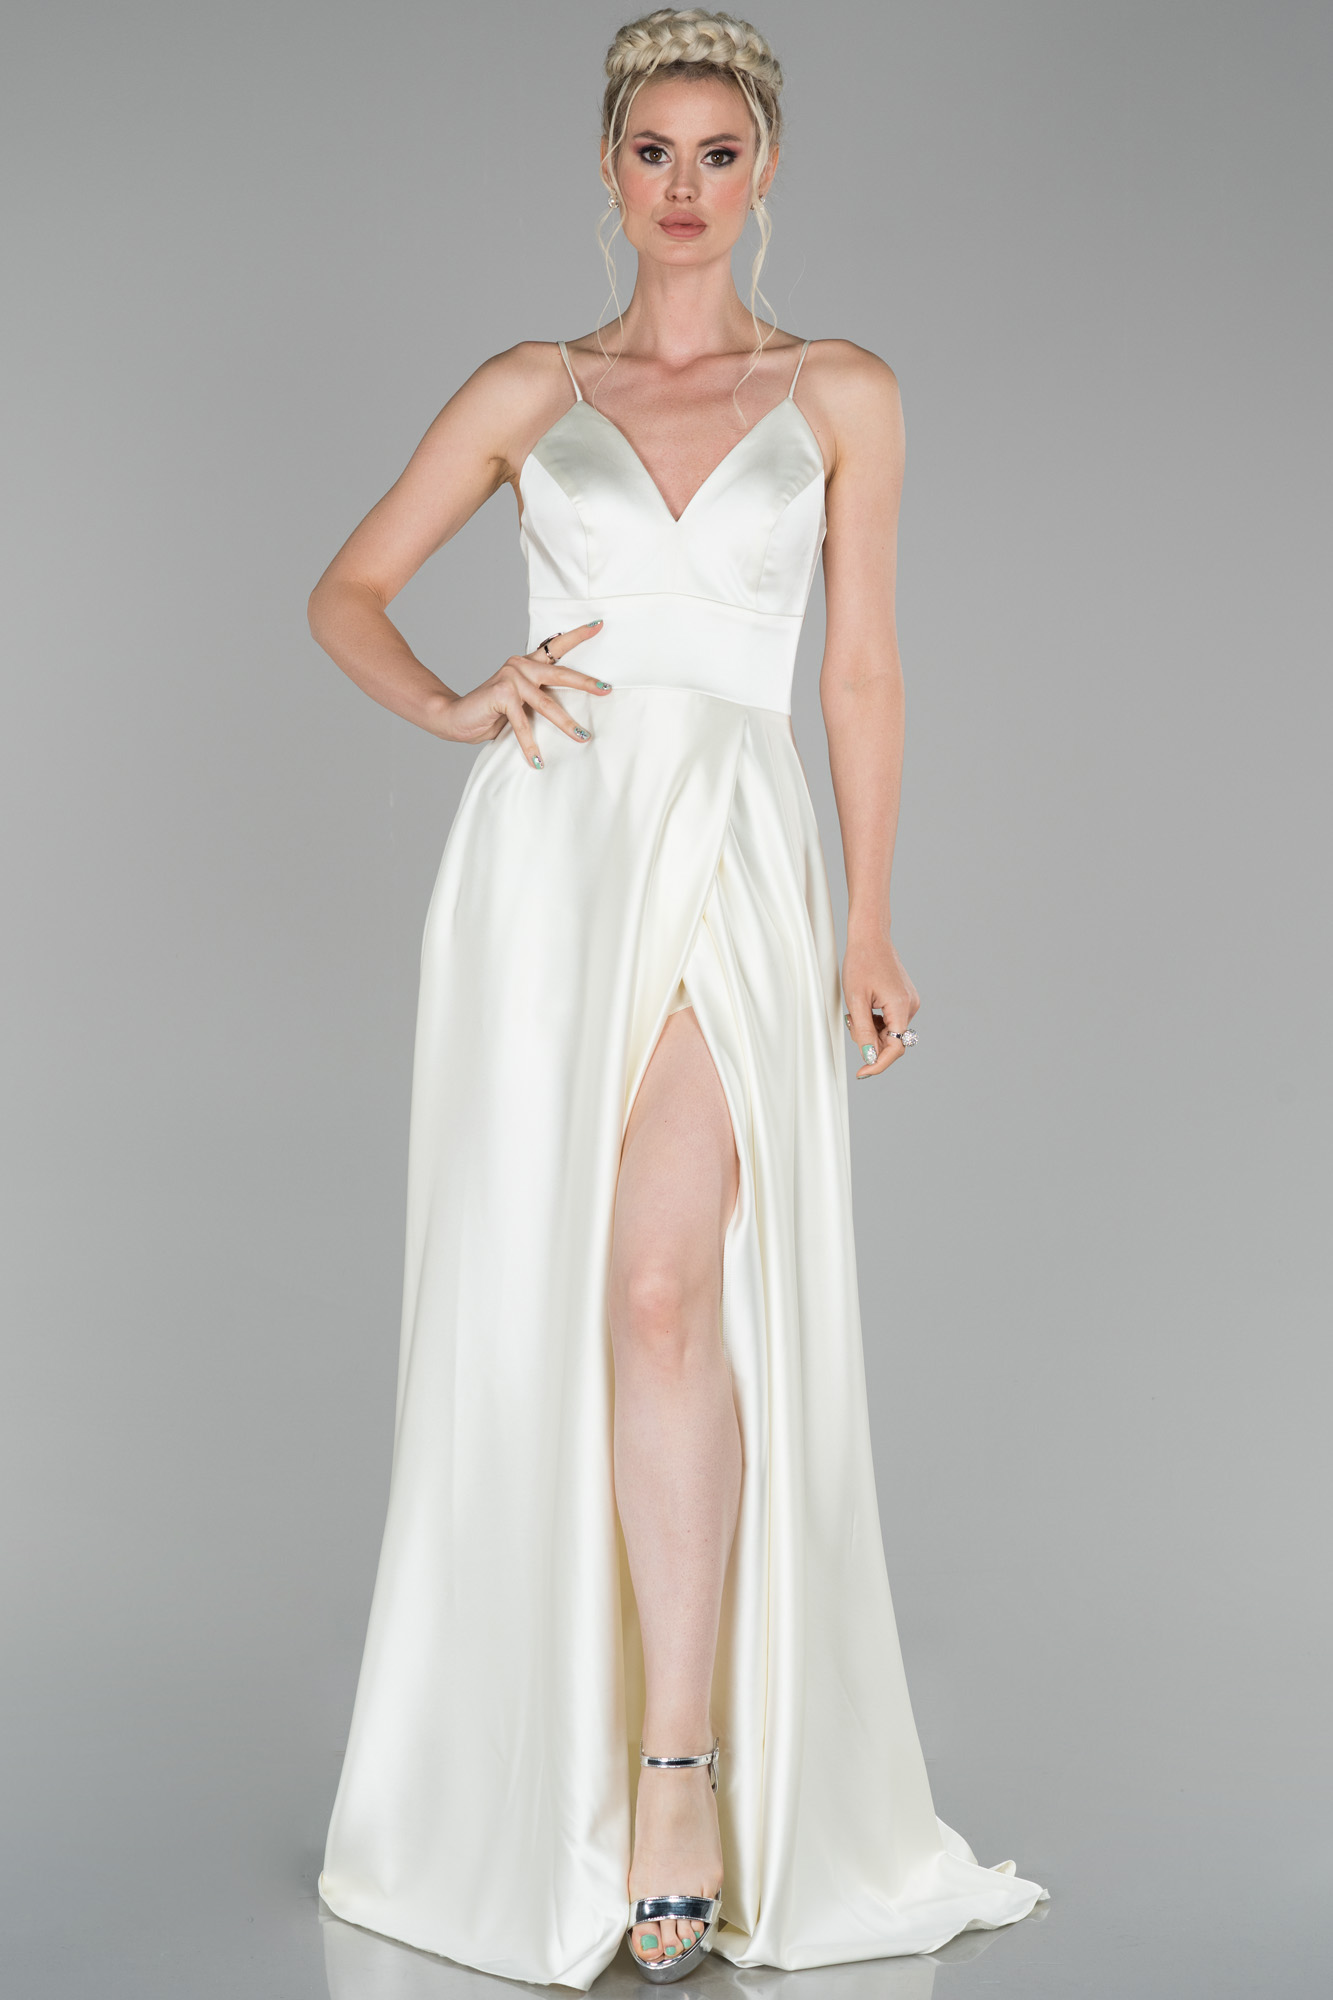 Kemik Uzun Bacak Ve Sırt Dekolteli Abiye Elbise